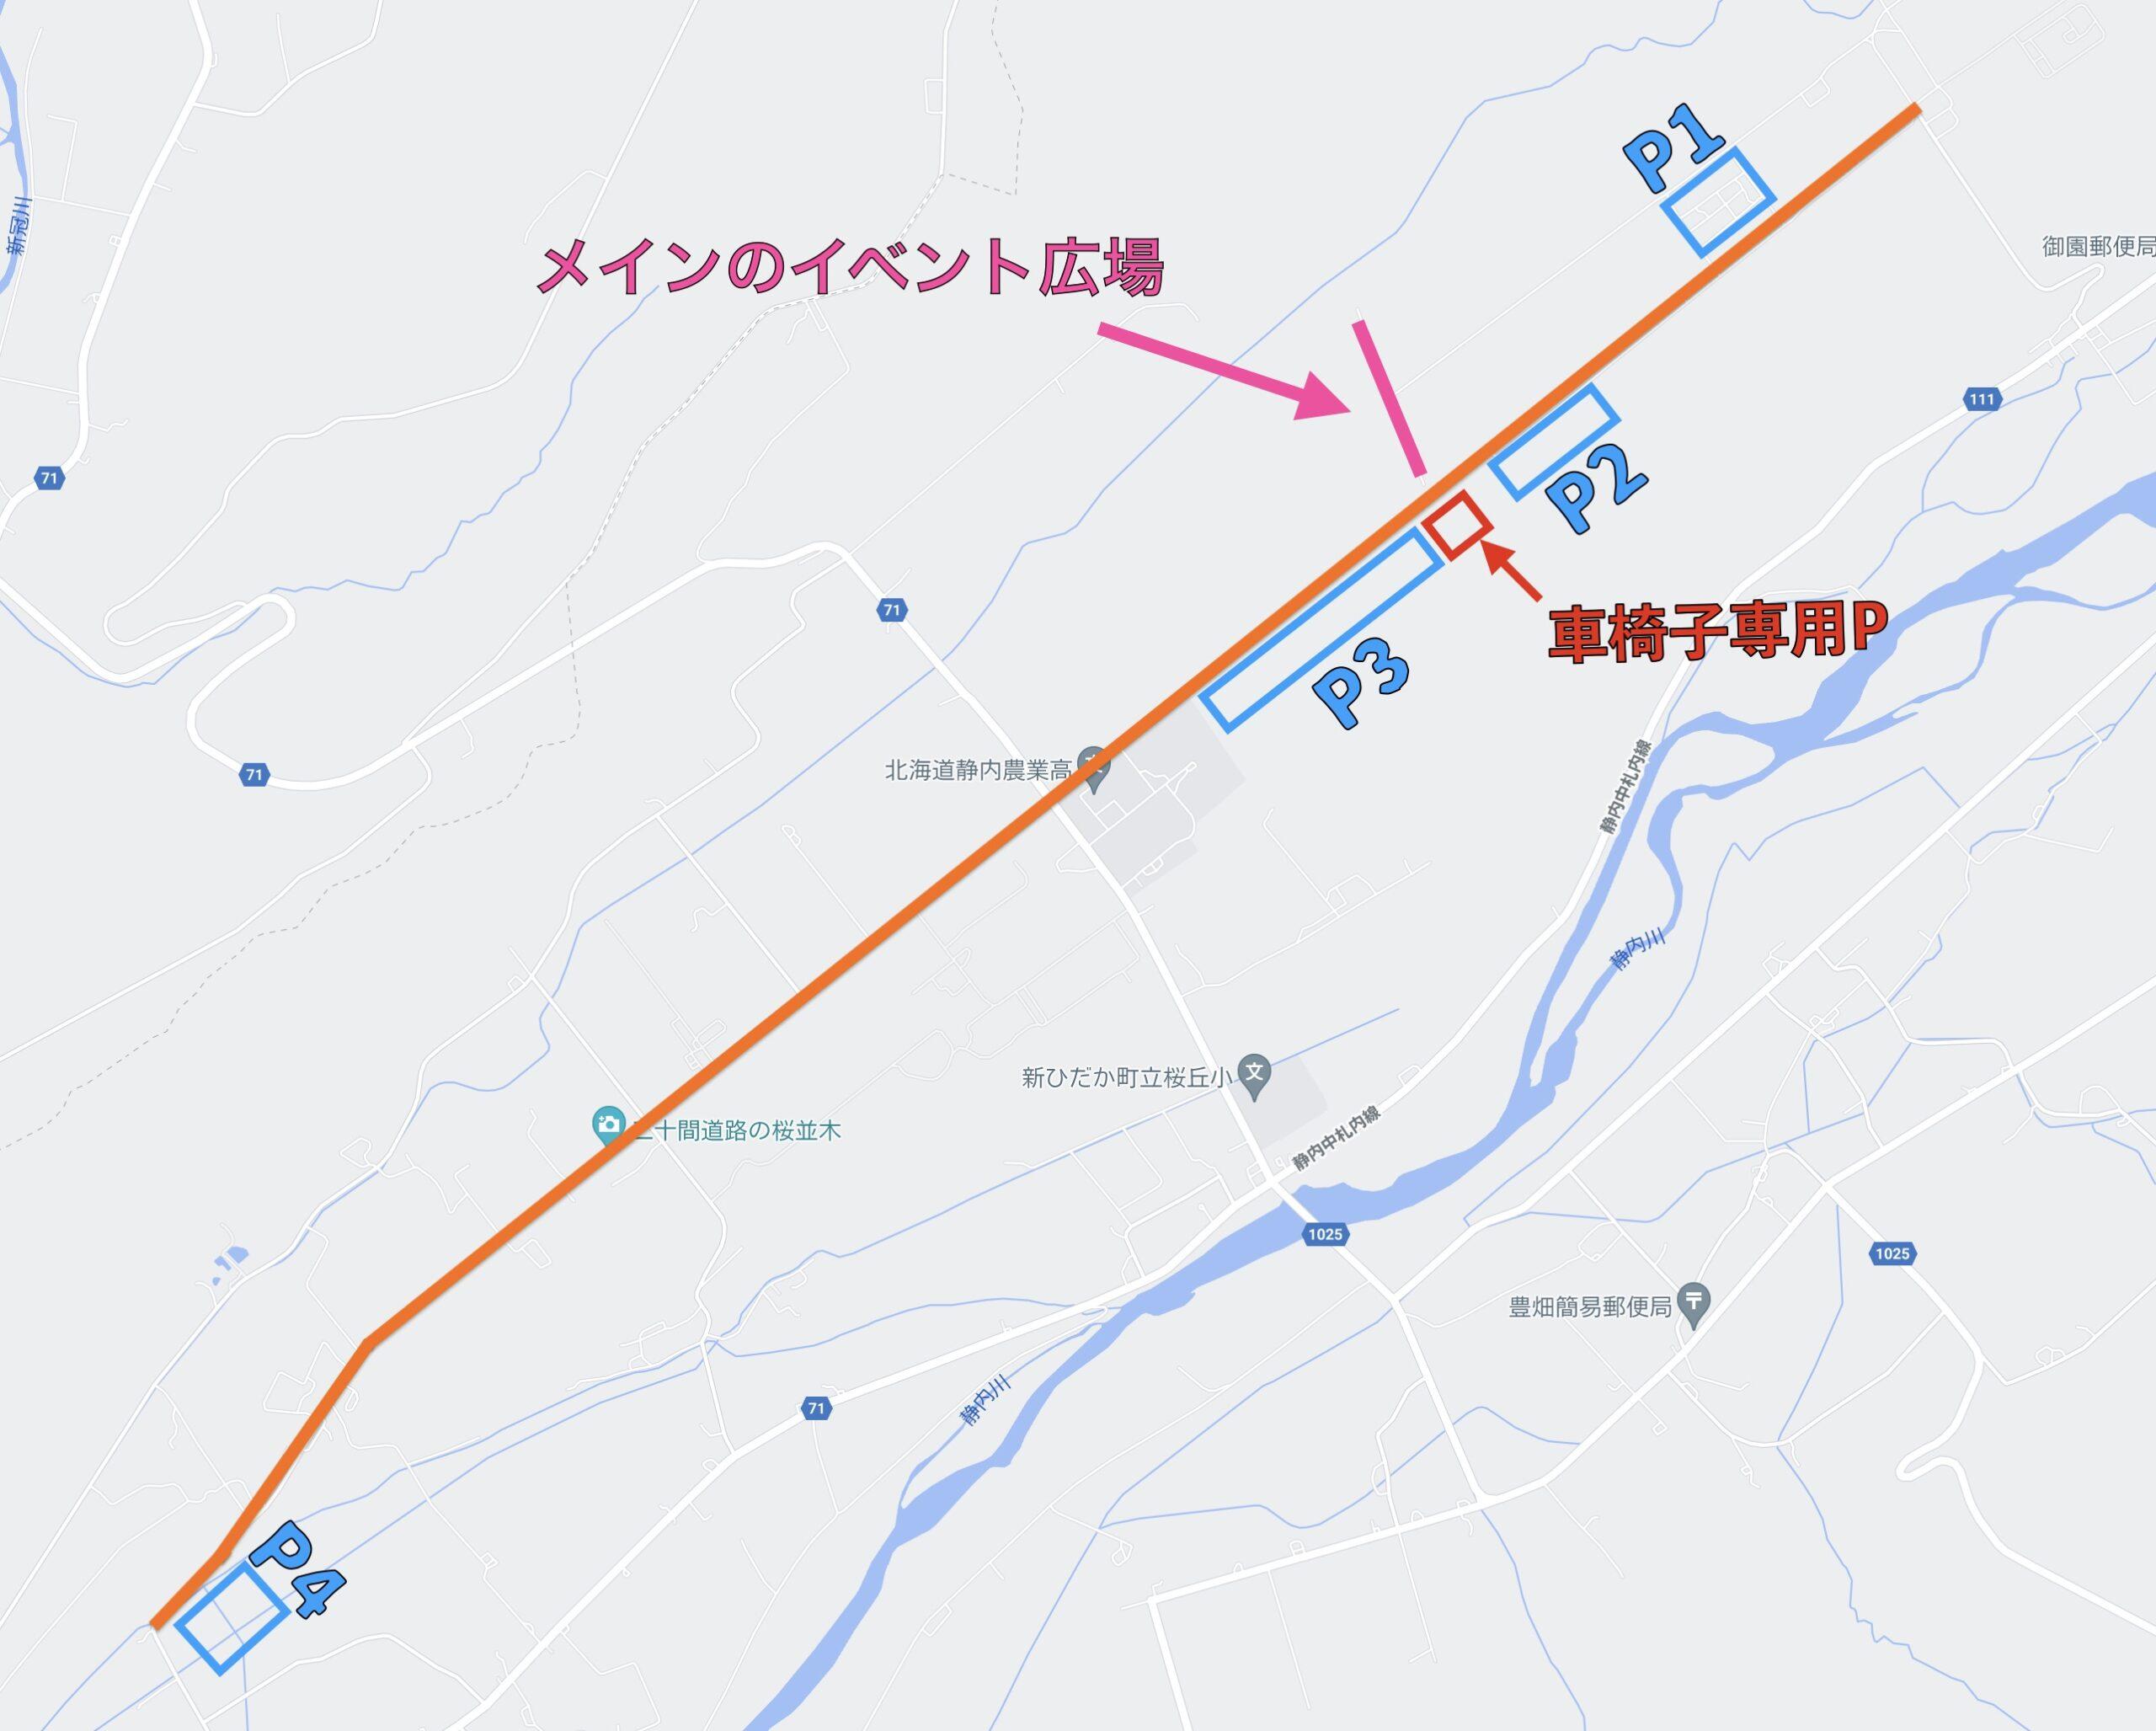 二十間道路駐車場マップ